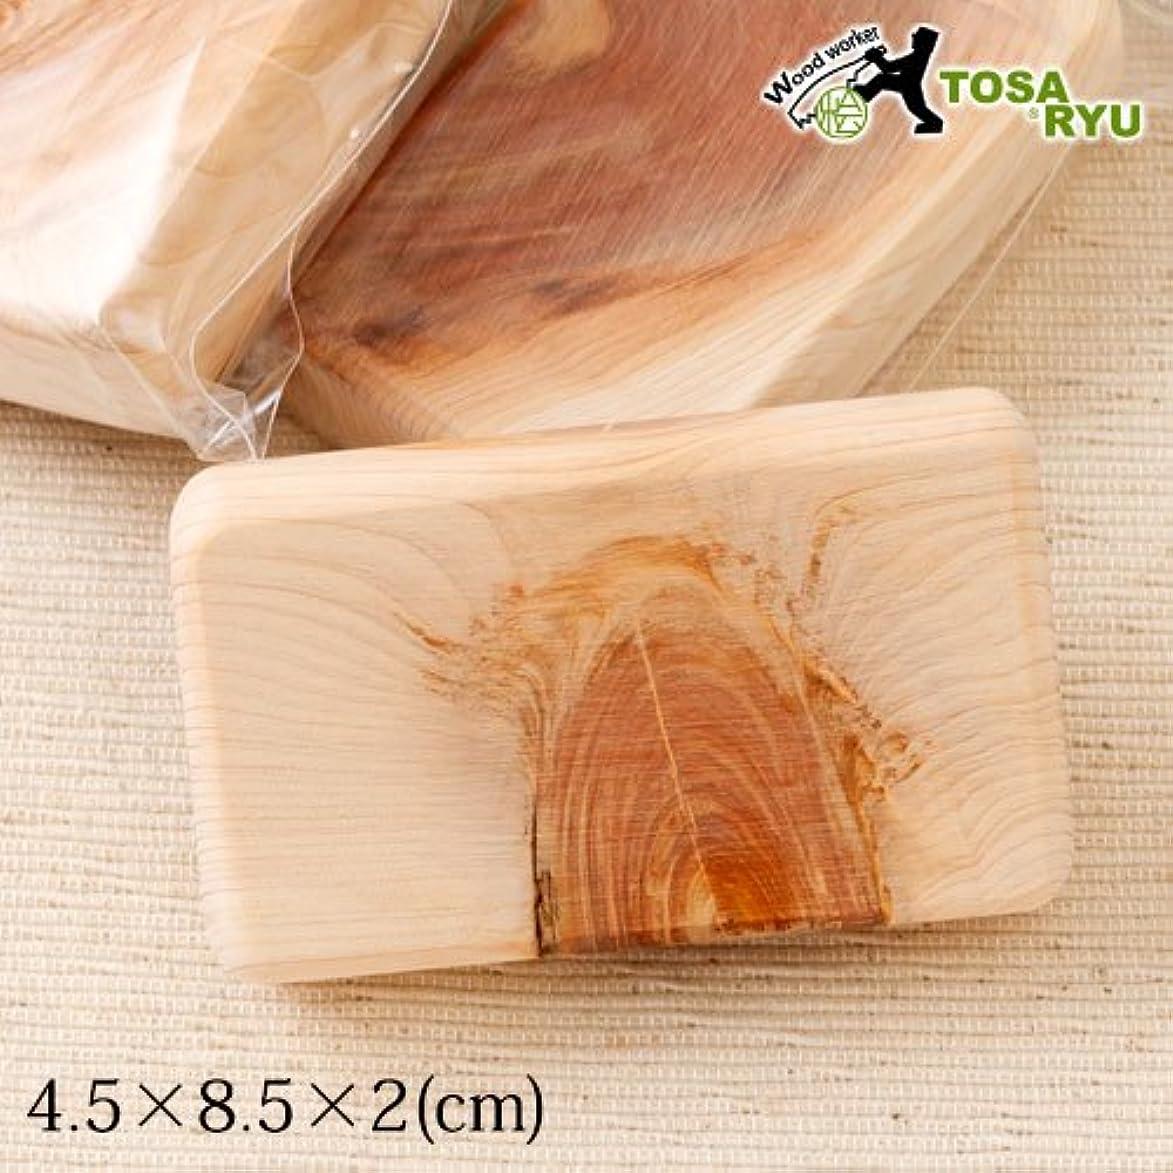 証明書職業兄土佐龍アロマブロック(1個)高知県の工芸品Aroma massager of cypress, Kochi craft